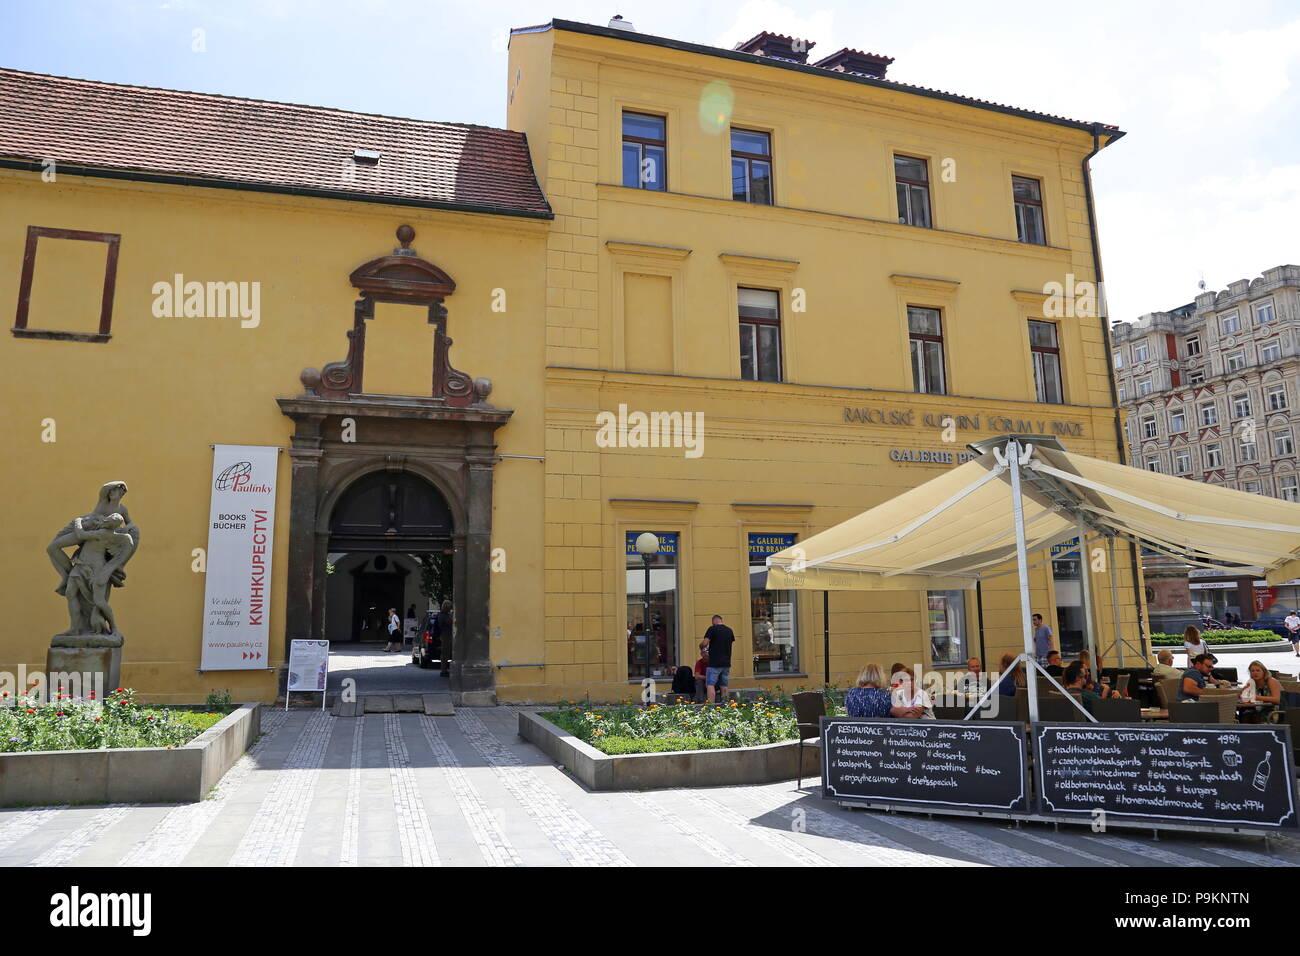 Photo Petr Stock Photos & Photo Petr Stock Images - Alamy